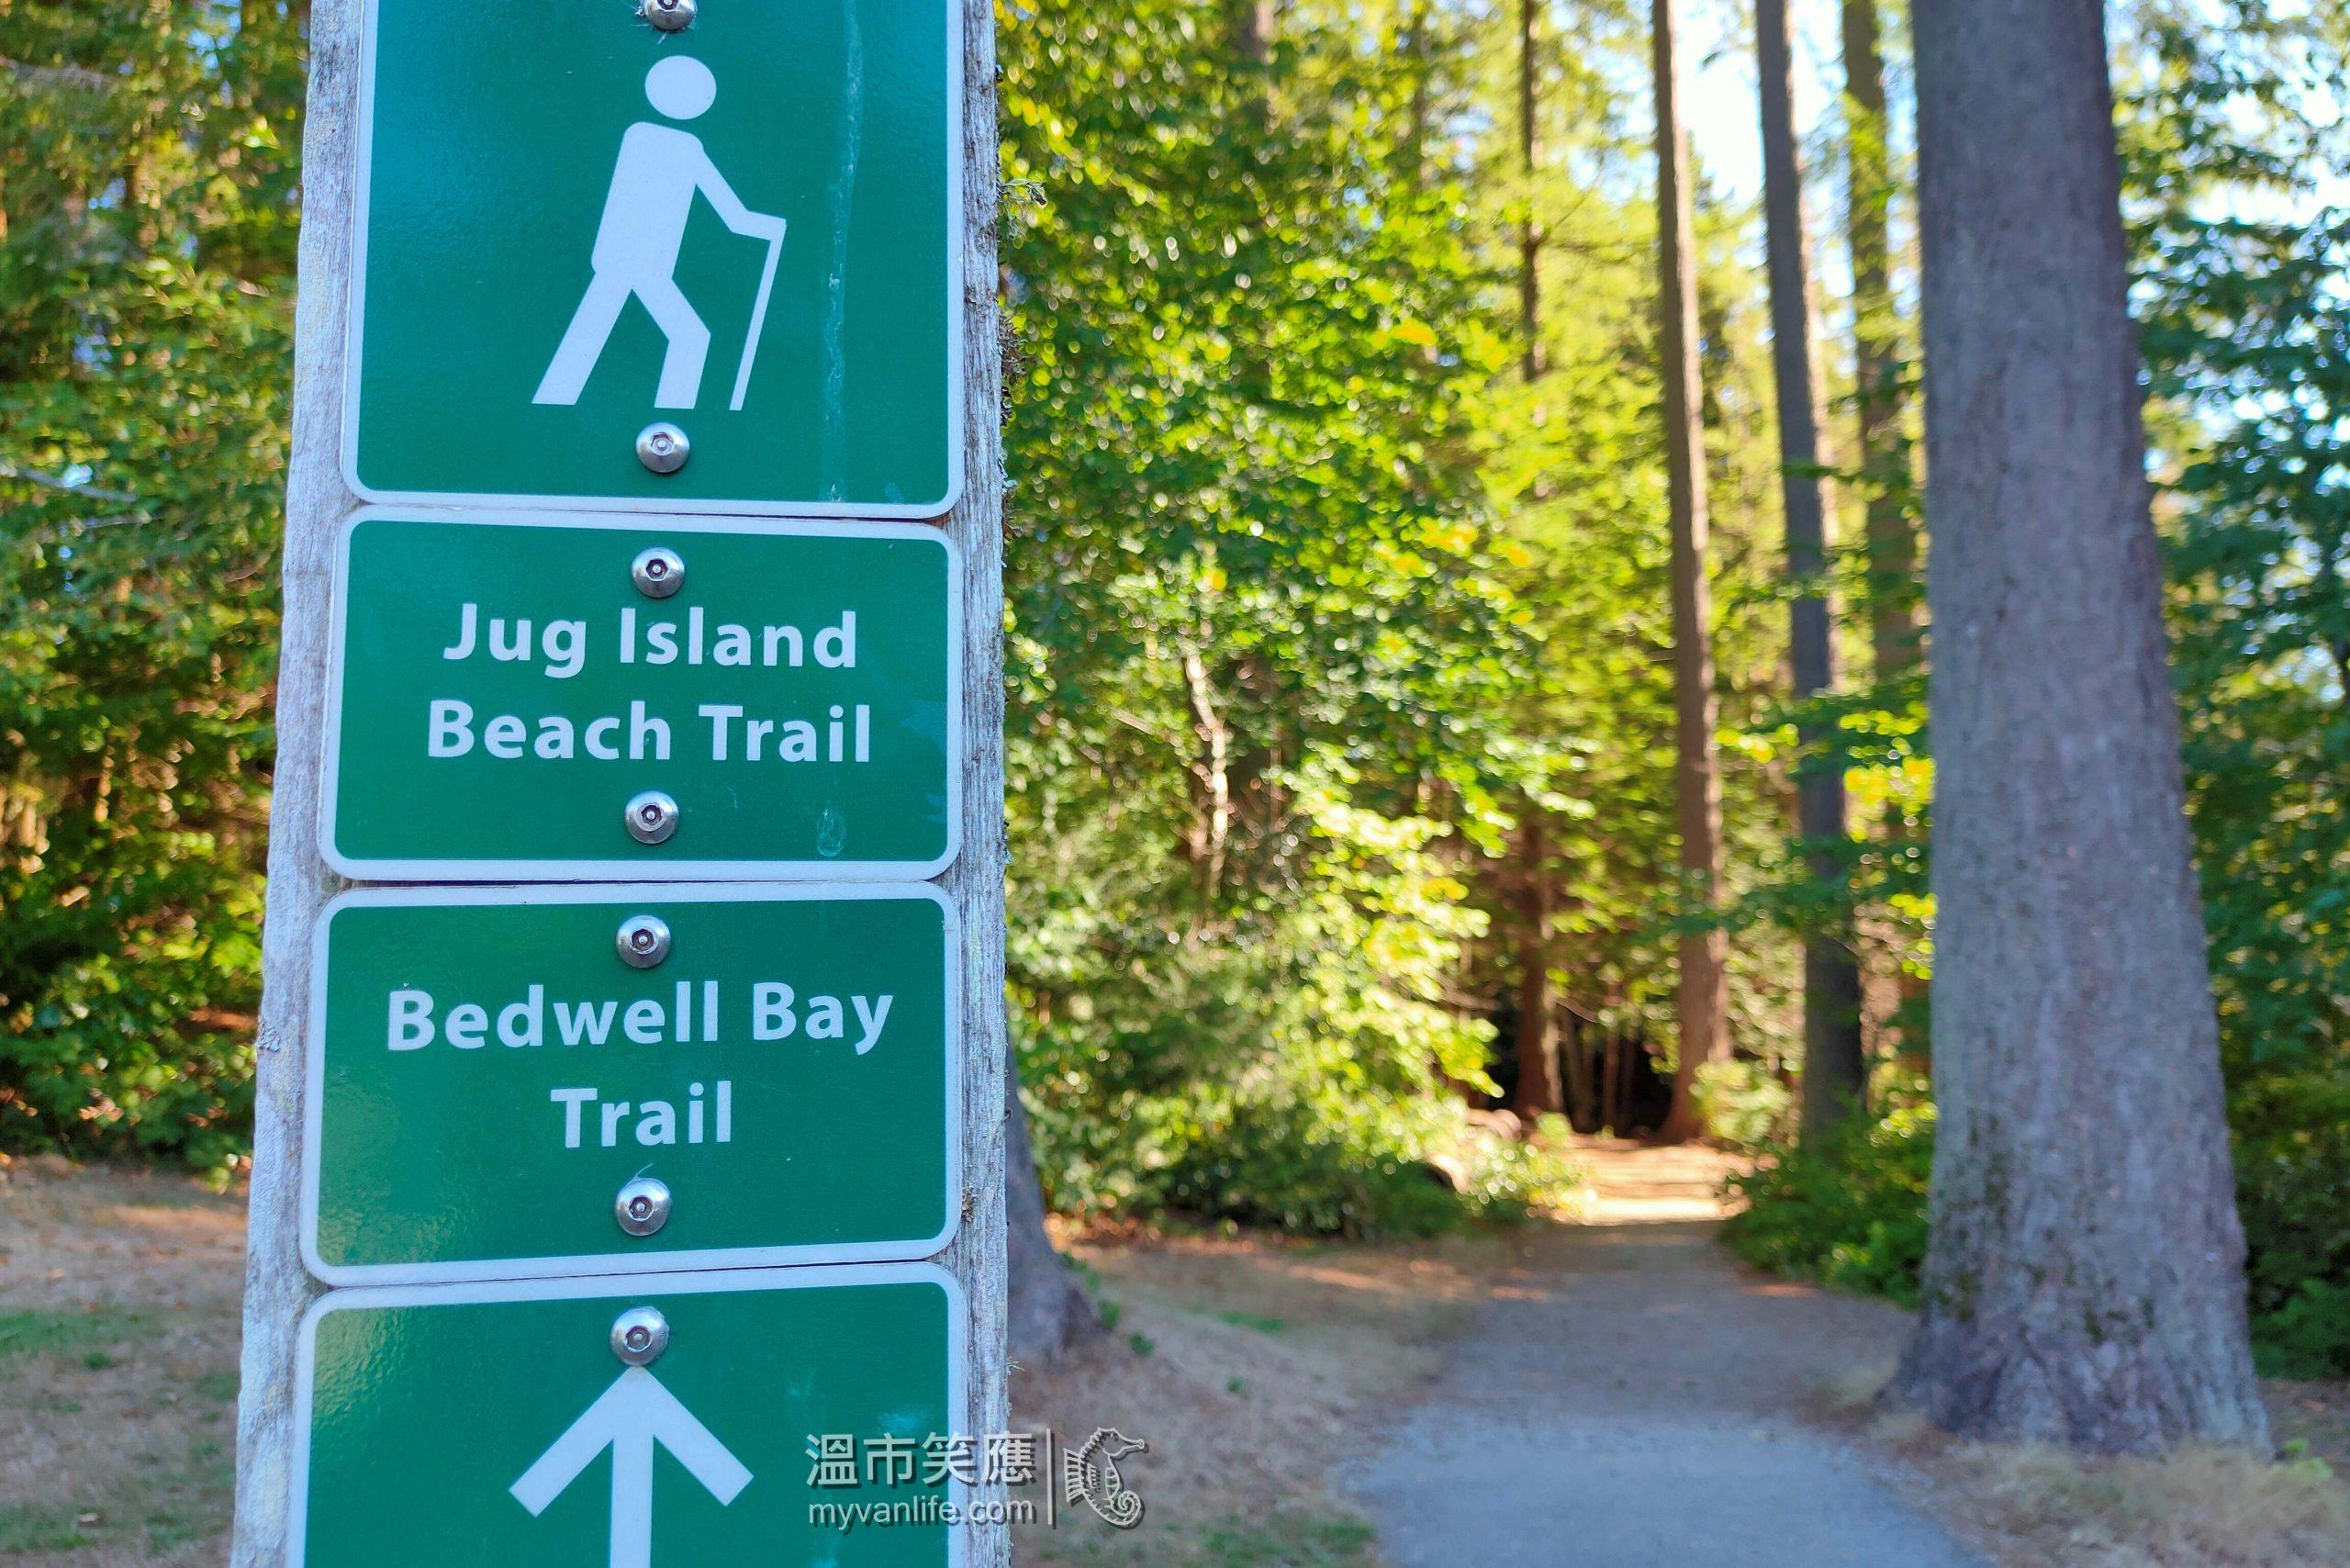 溫哥華旅遊|一段與自己的健走: Jug Island Trail